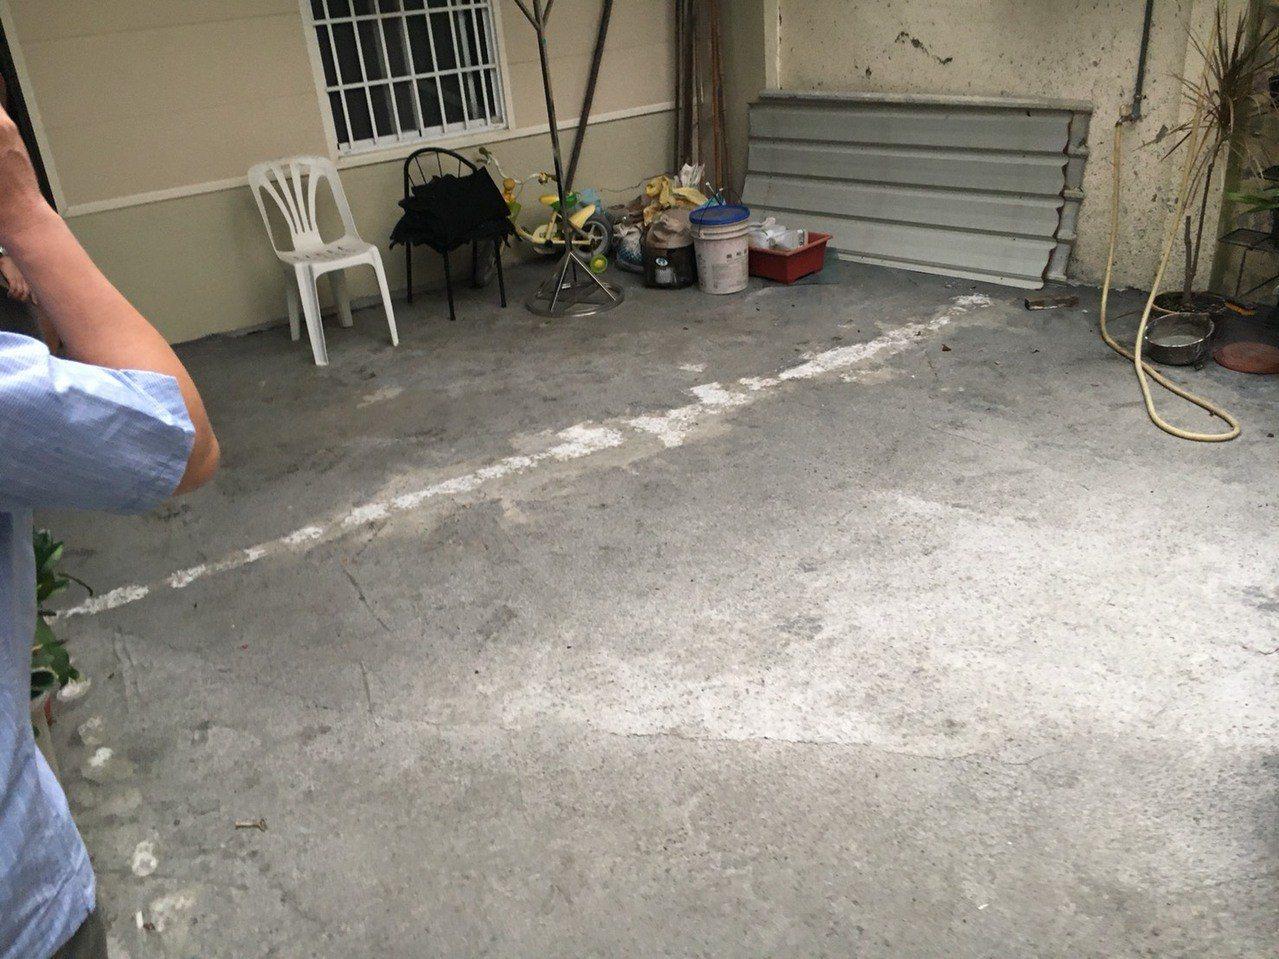 台南市永康區216巷民宅地基塌陷近一層樓,經緊急灌漿穩住基礎。圖/李鎮國提供